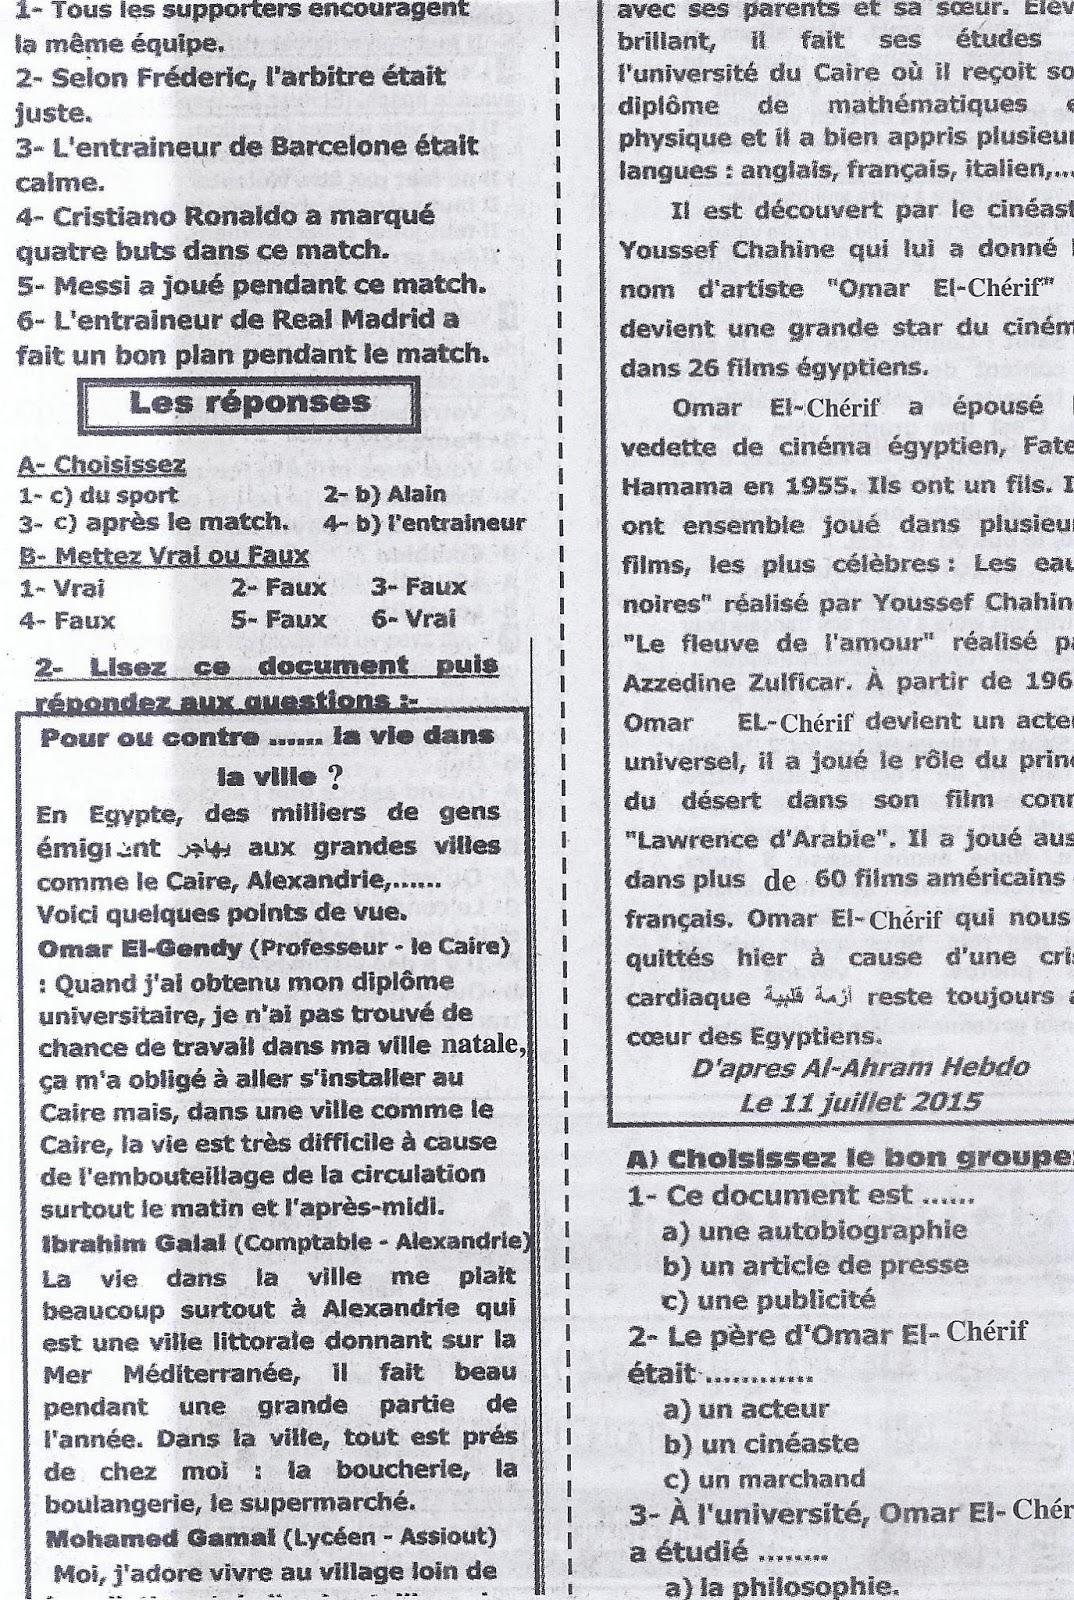 أهم أسئلة اللغة الفرنسية المتوقعة لامتحان الثانوية العامة 2016 بالاجابات  5